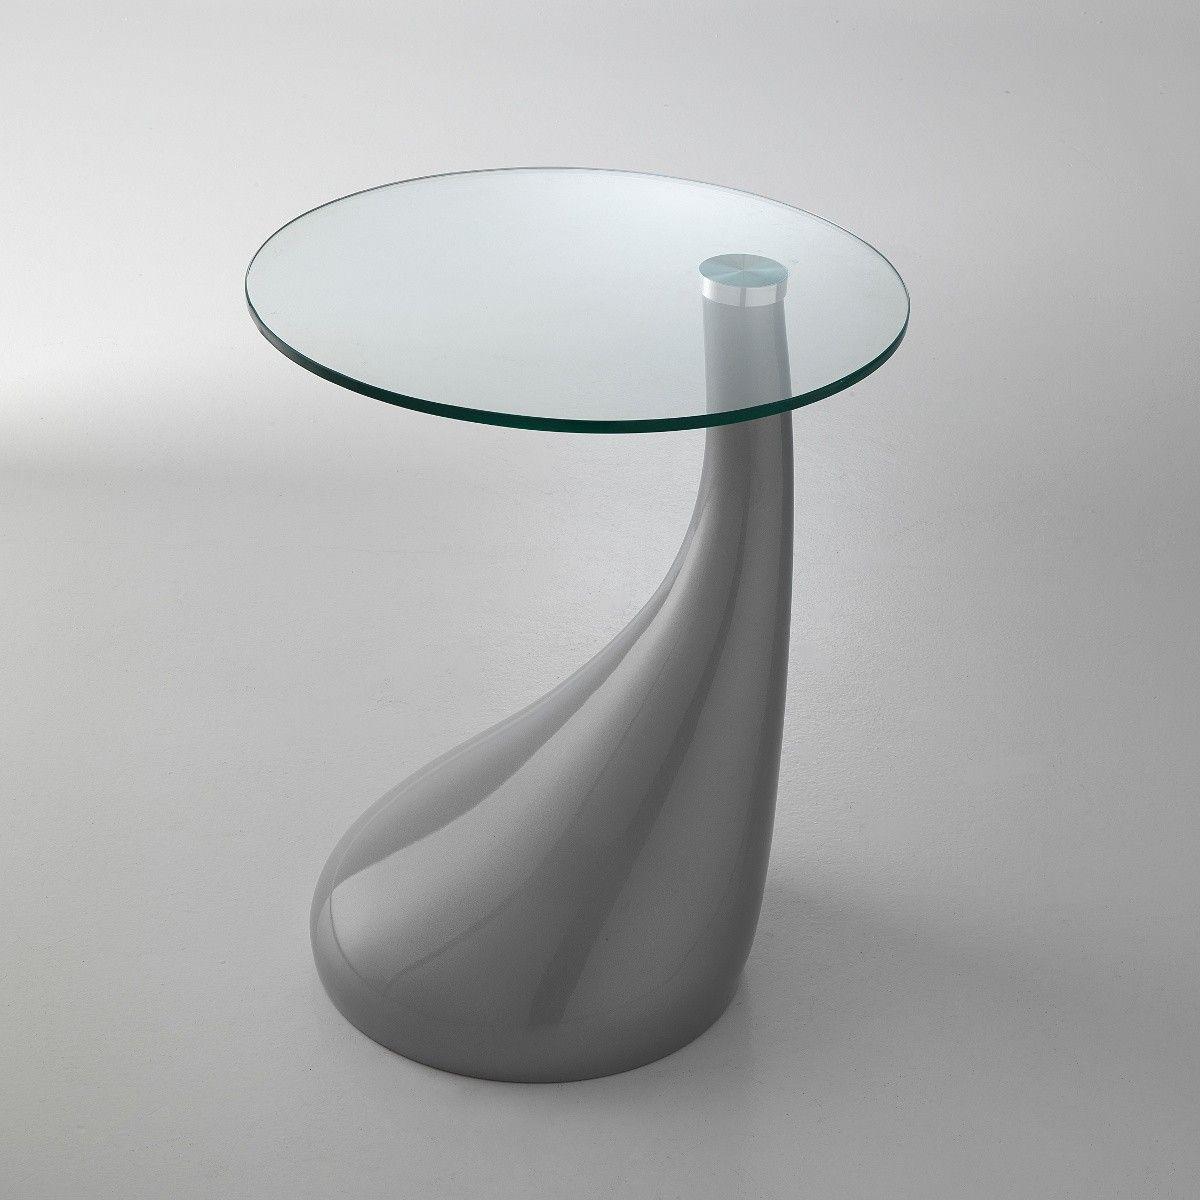 Tavolino Da Salotto Lato Divano Tobin Un Tavolino Originale Ed Inconfondibile Che E Una Vera E Propria Icon Nel 2020 Tavolini Tavolino In Vetro Negozi Di Arredamento